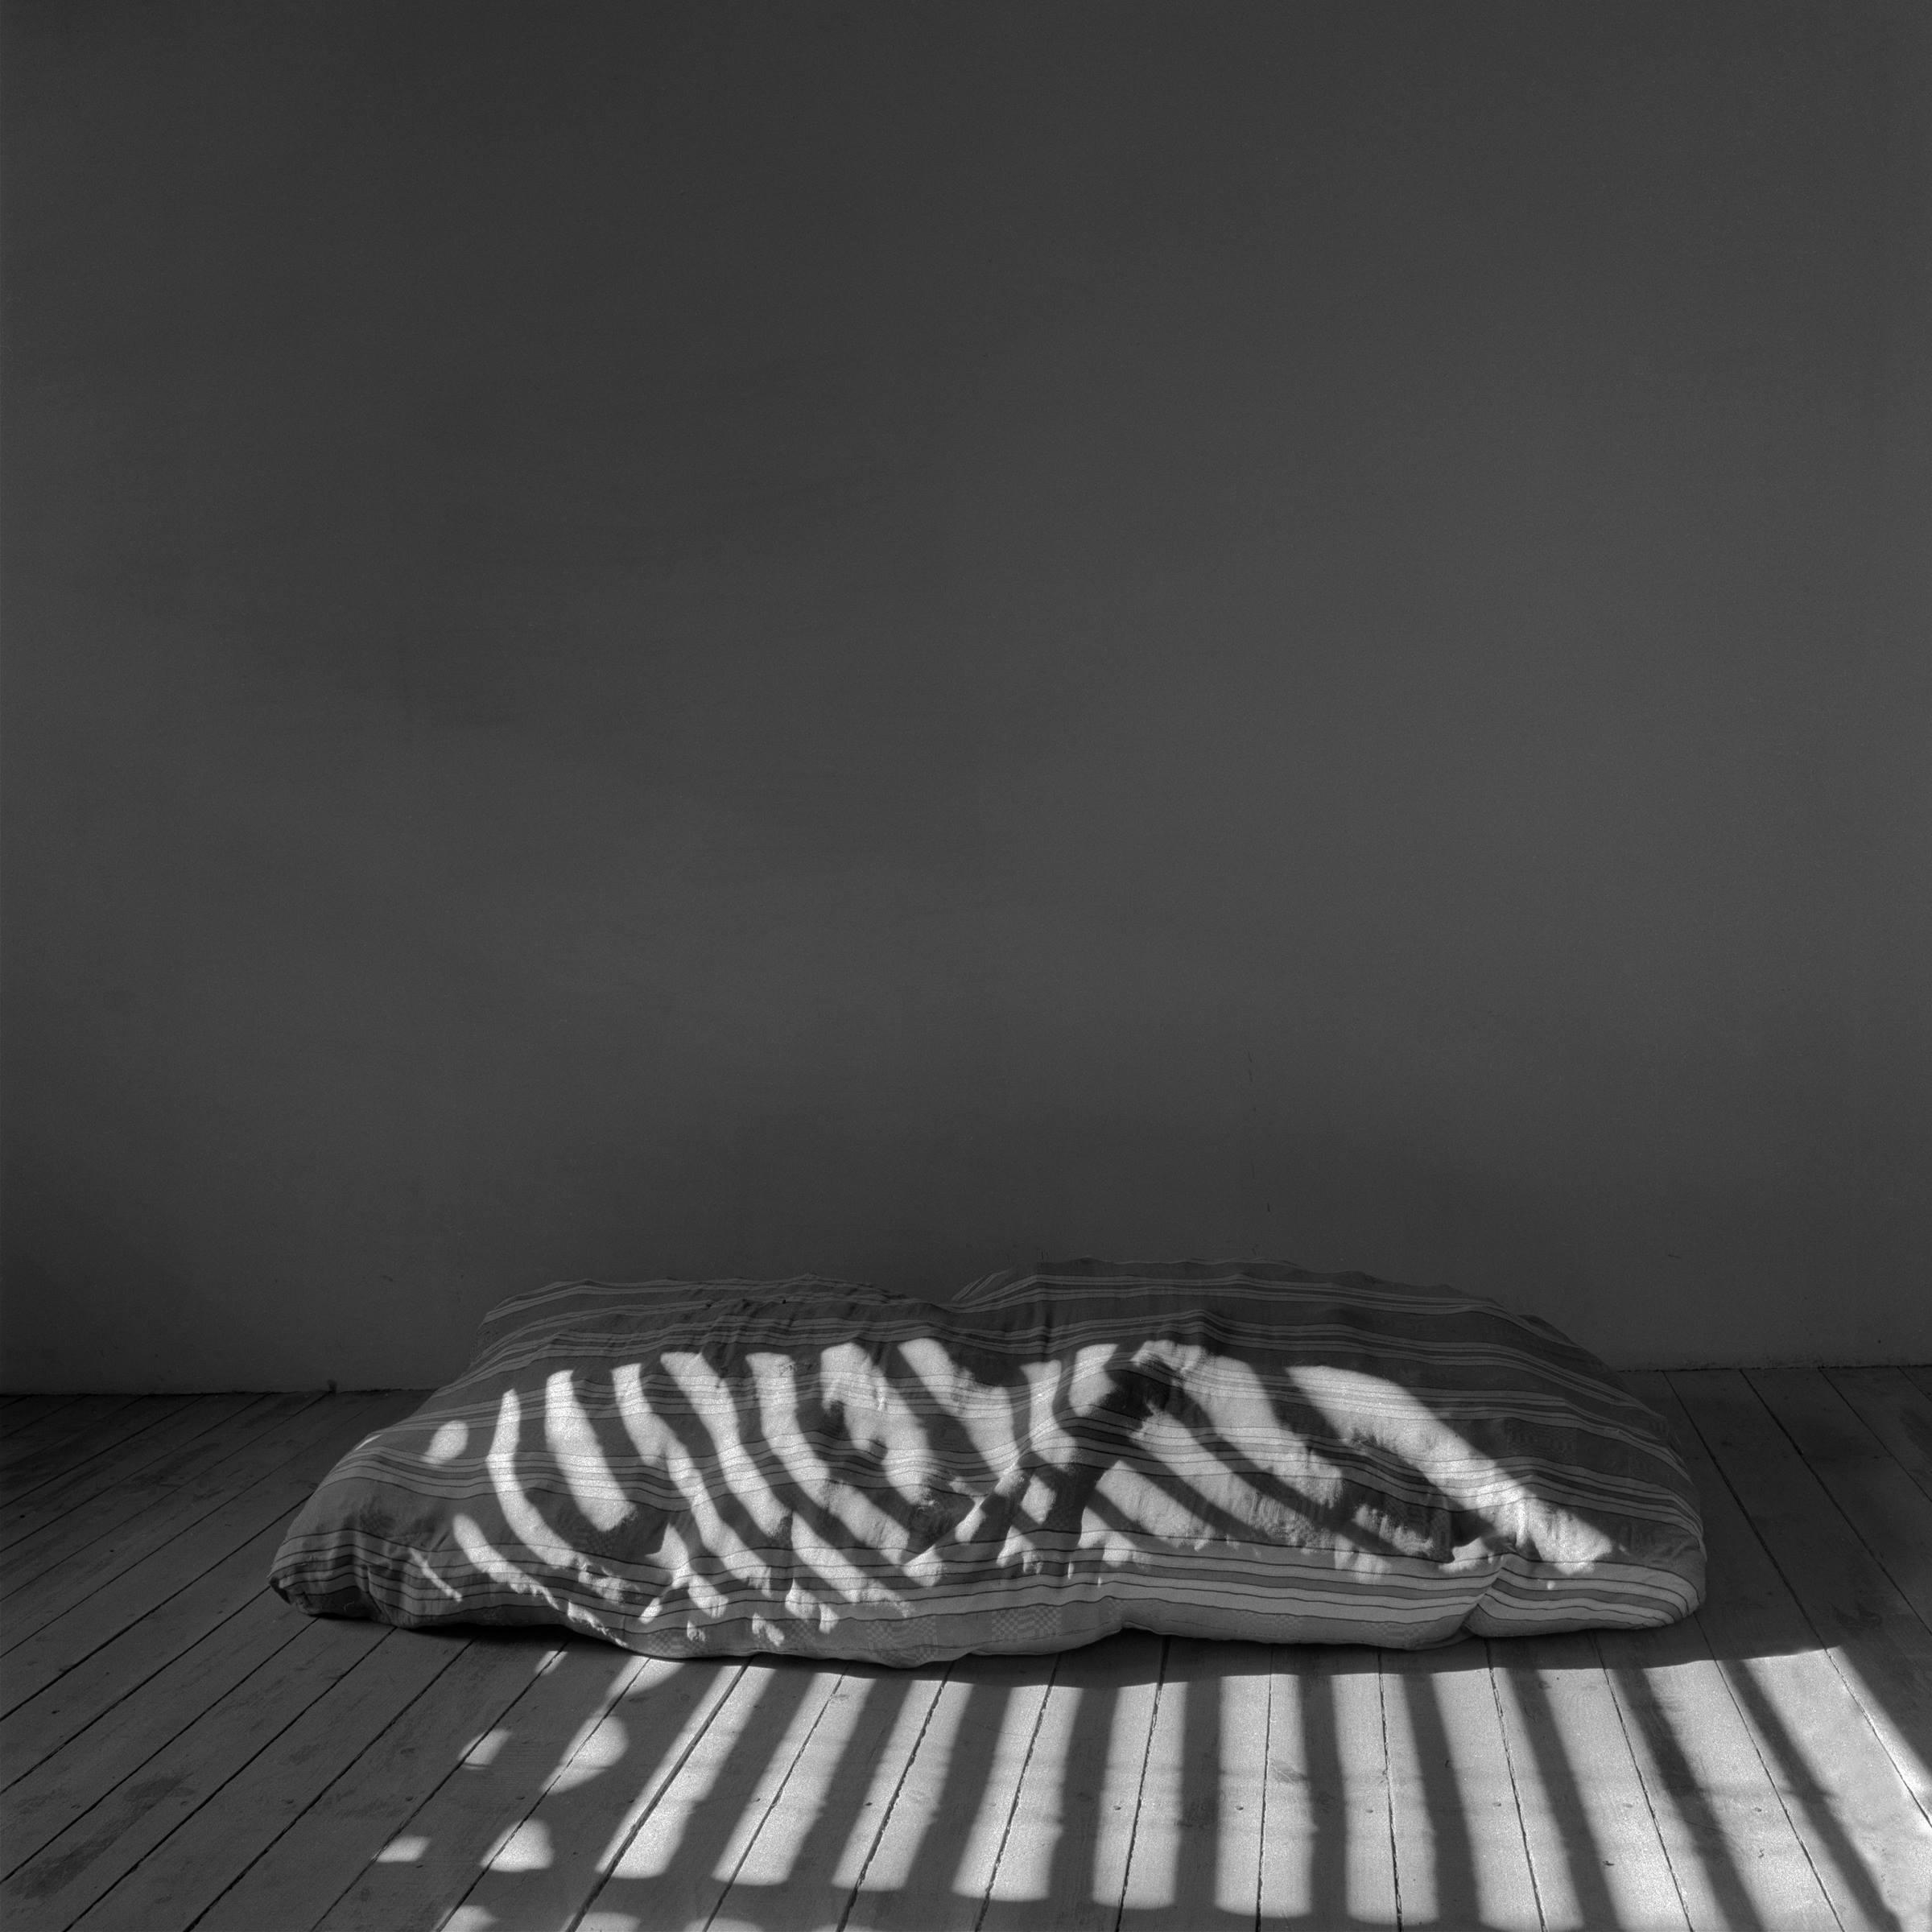 Colchon en la luz, 1989<br/>Gelatina de plata / Silver gelatine